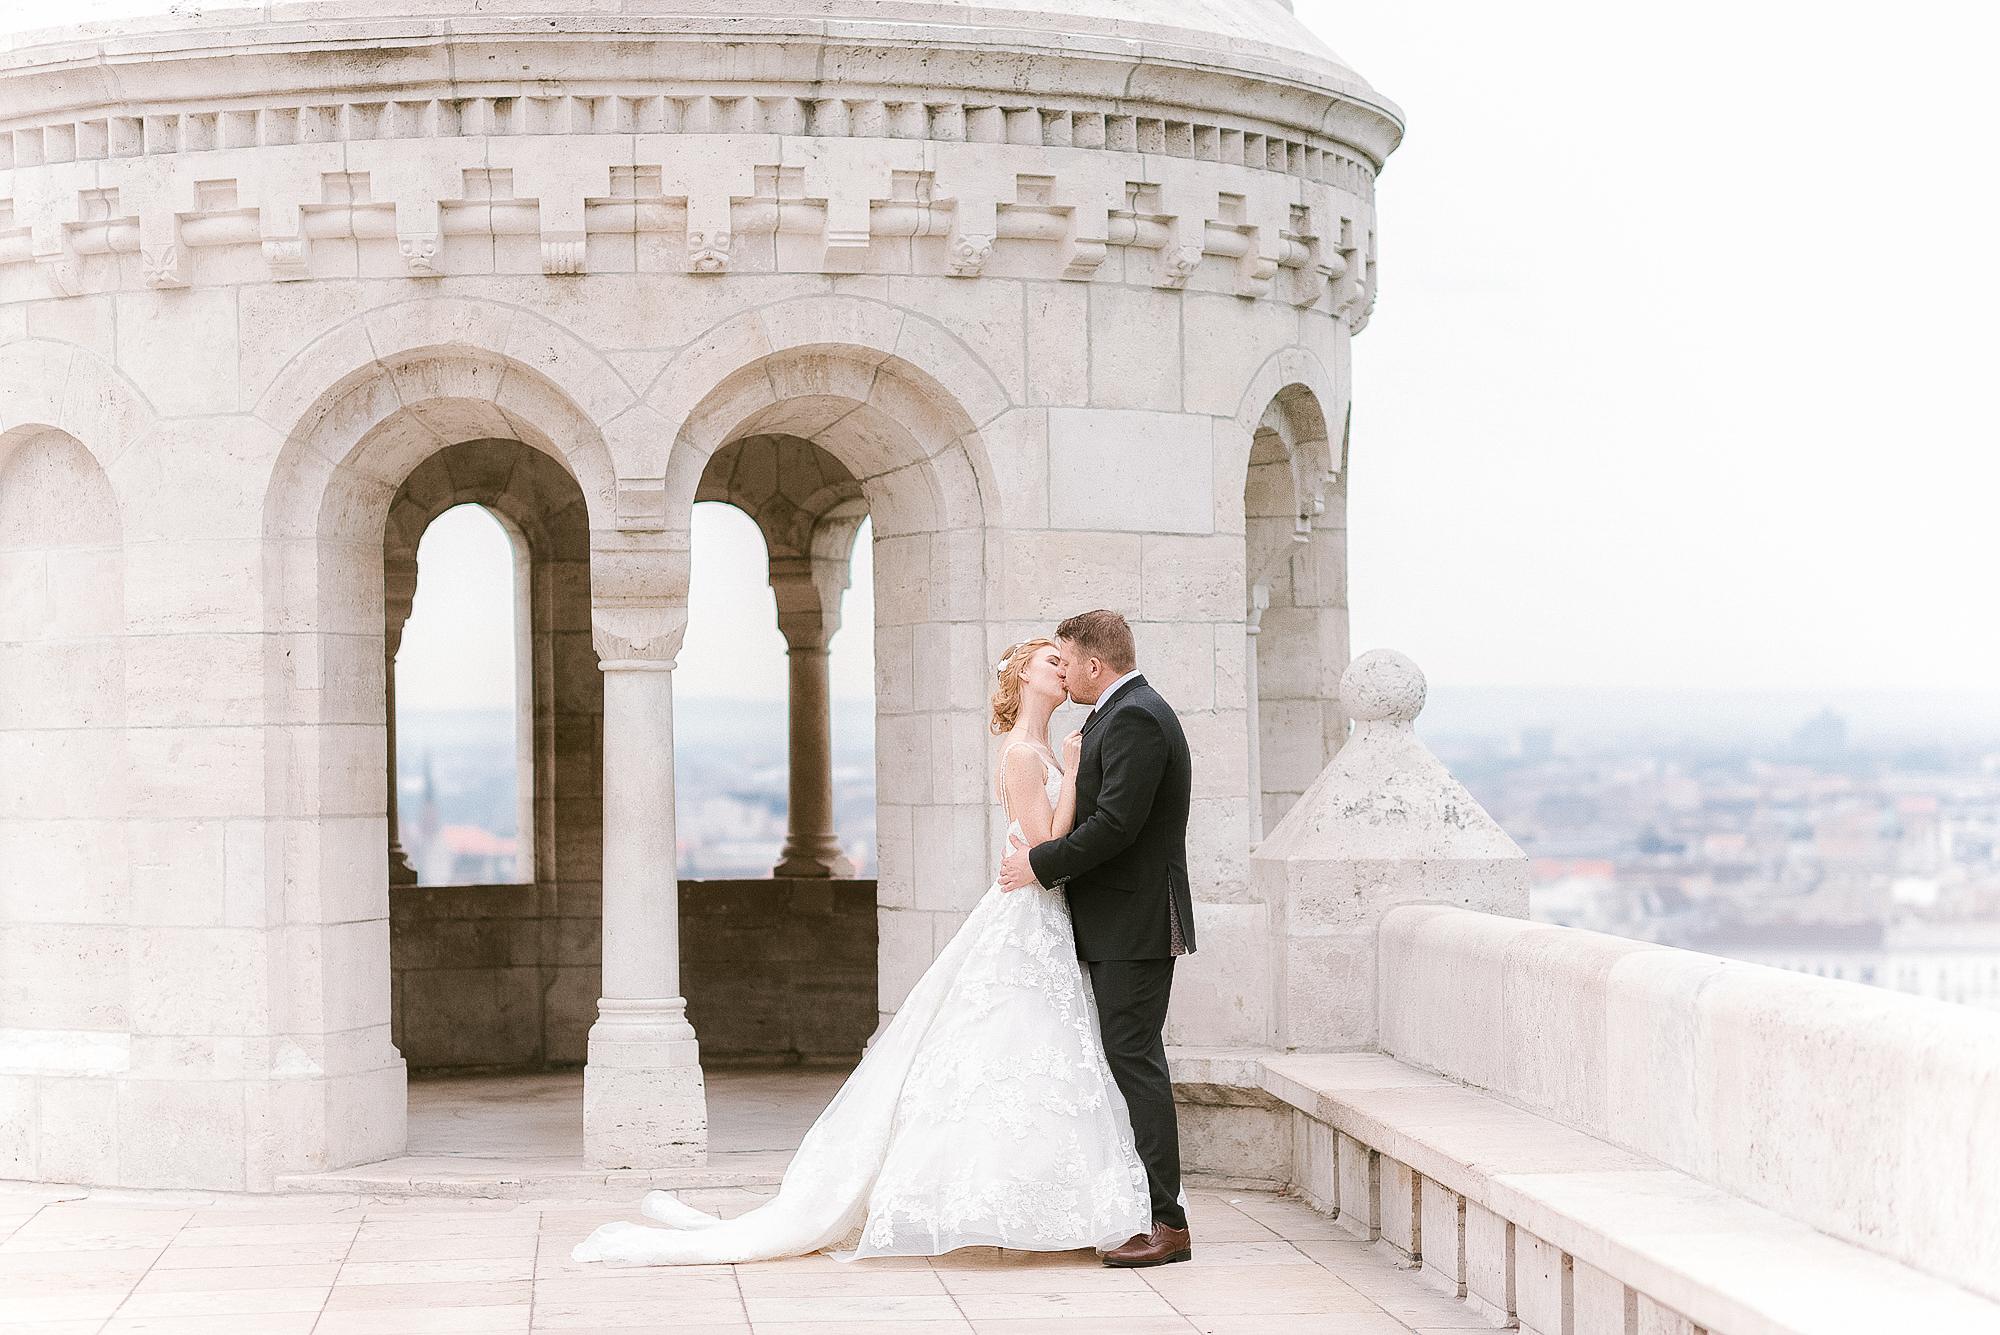 Fine art luxury wedding photography